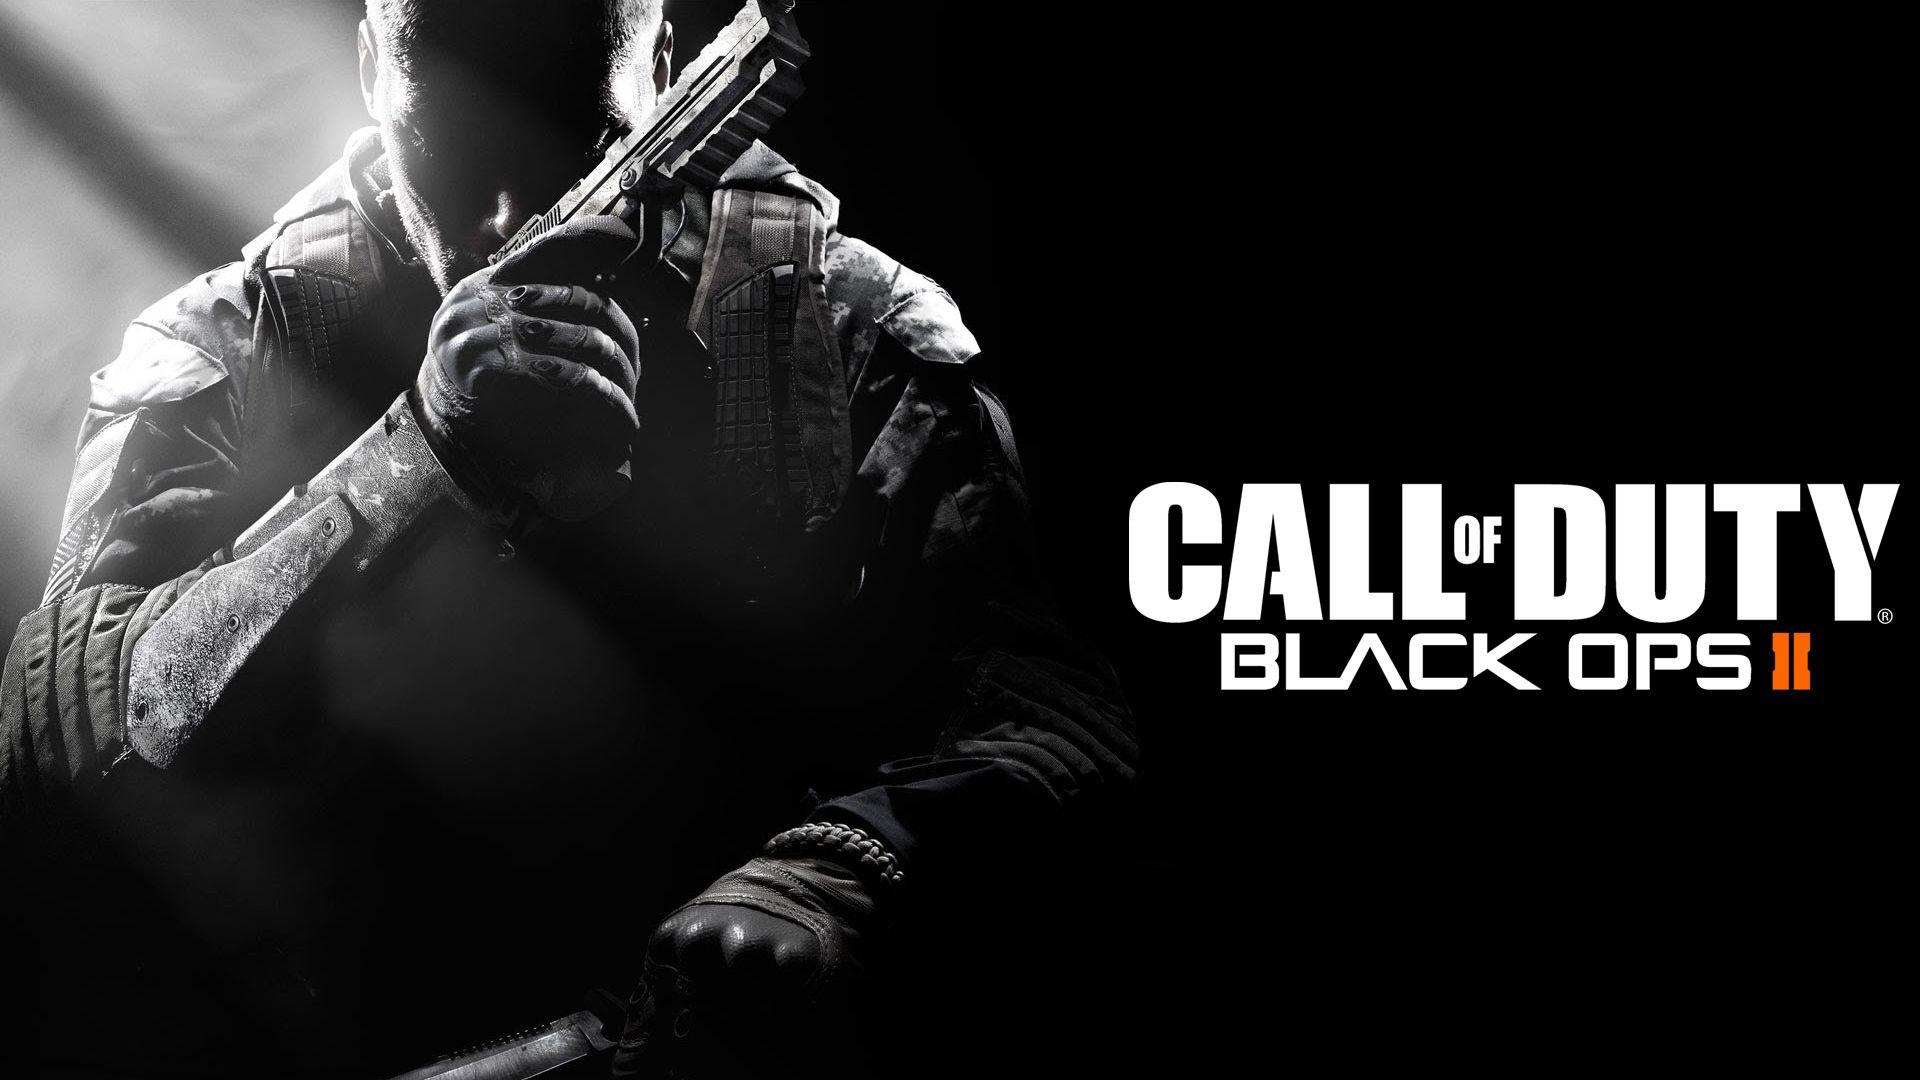 Black Ops 2 lanza 4 packs de personalización para armas multijugador